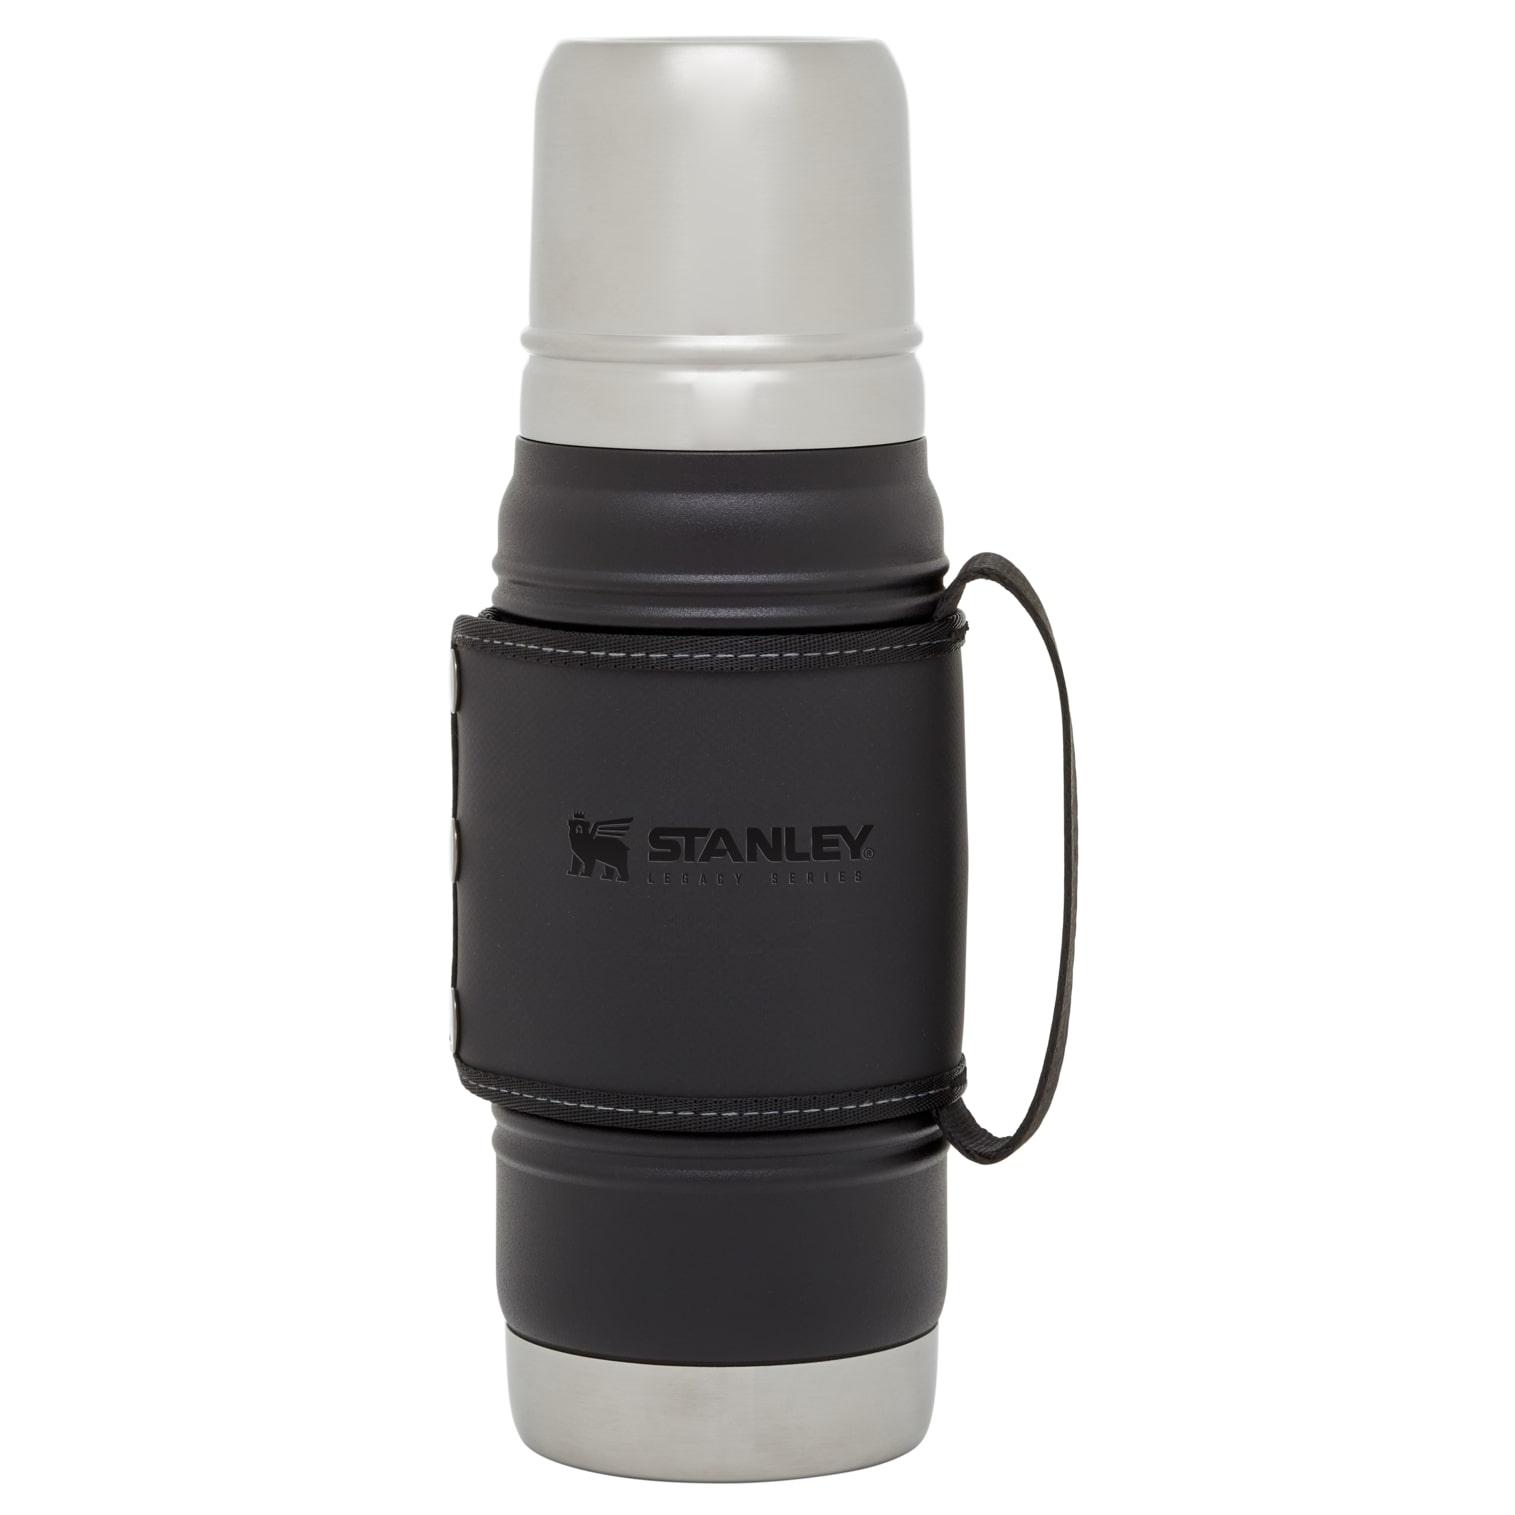 Bình Giữ Nhiệt Stanley LEGACY QUADVAC™ THERMAL BOTTLE | 20 OZ - 0.6L - Black